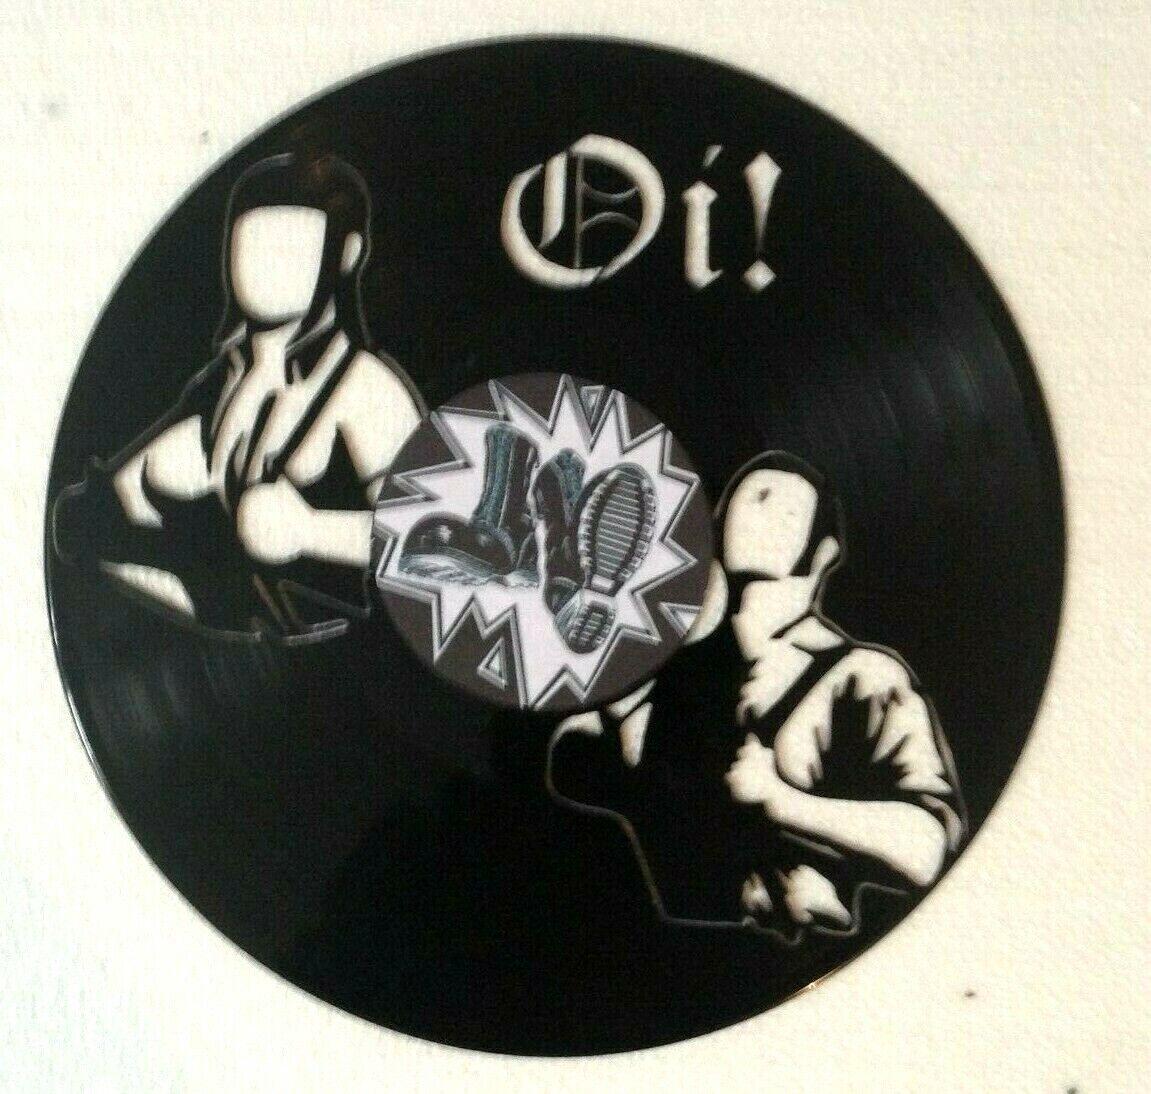 Décoration murale   horloge en disque vinyle 33 Tours - Oi - Skin head